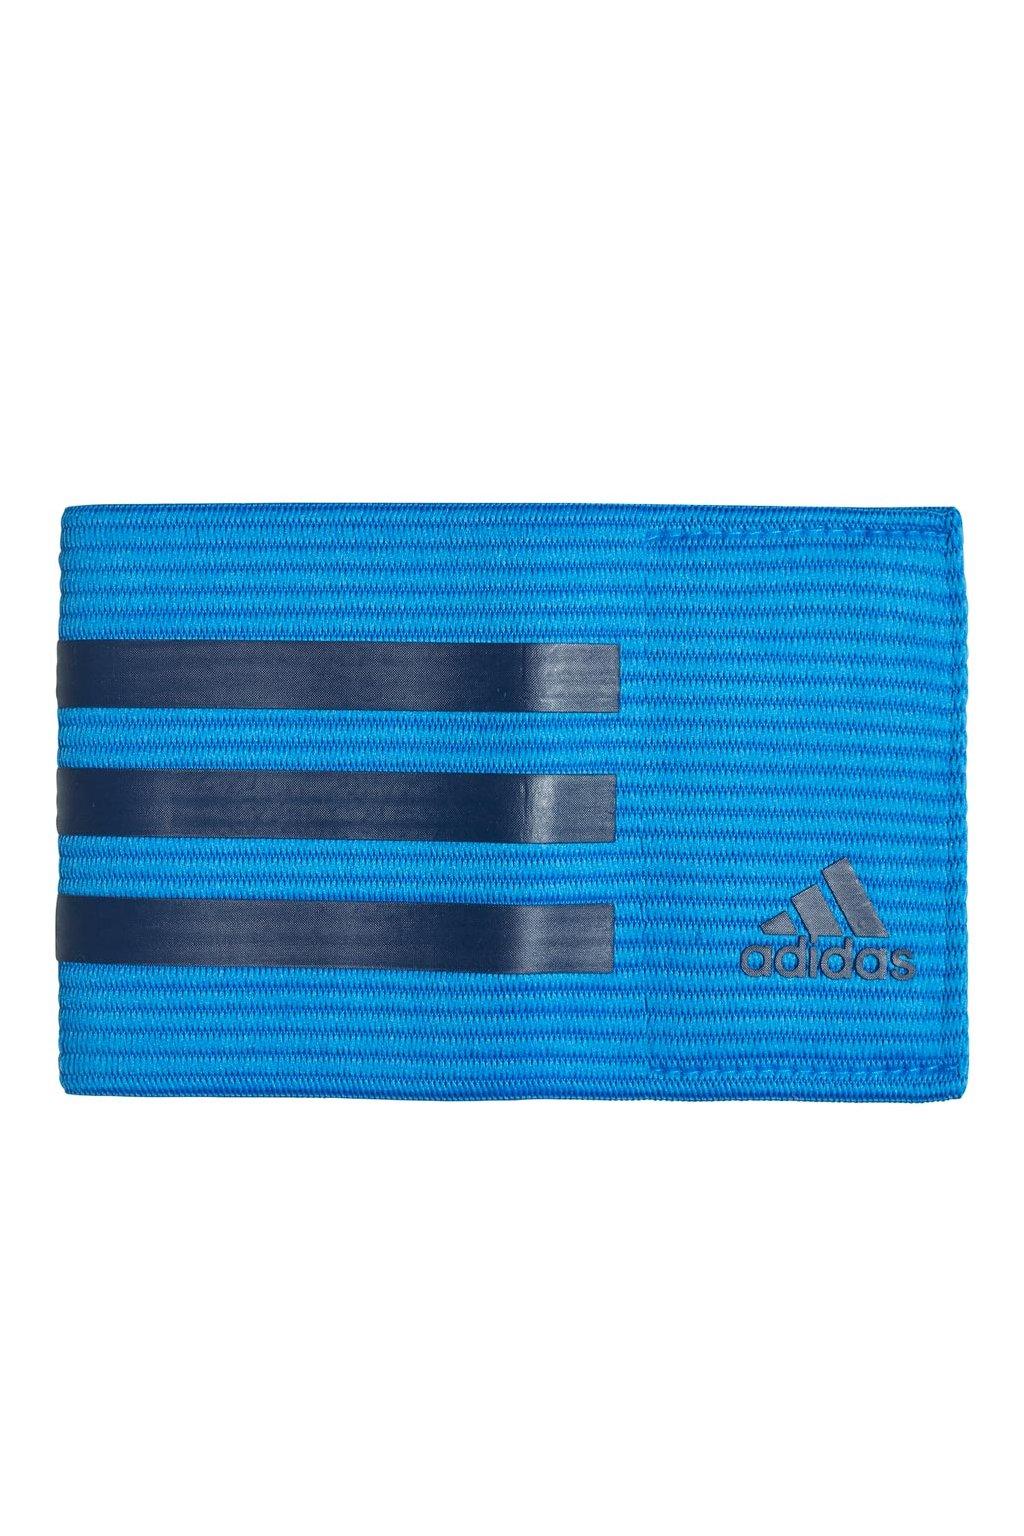 Opaska kapitana adidas FB OSFM niebieska CF1052